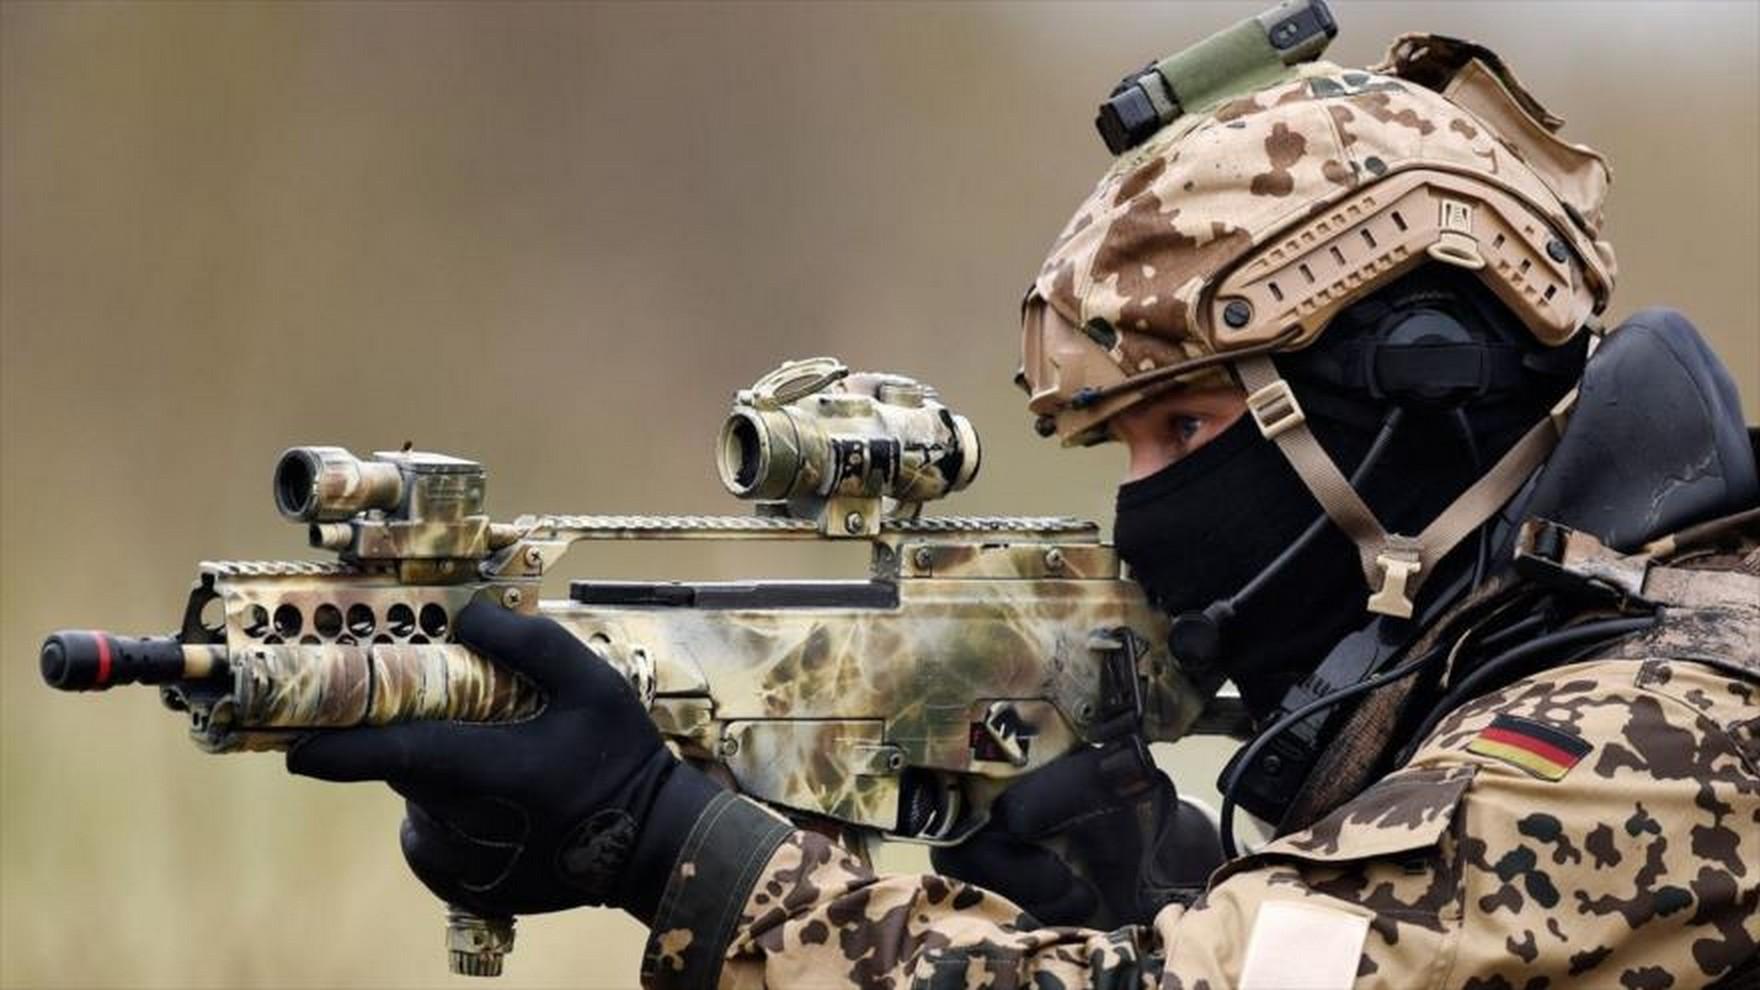 Fuerzas Especiales Más Letales Del Mundo. Solo Lo Mejor De Los Ejércitos Más Letales